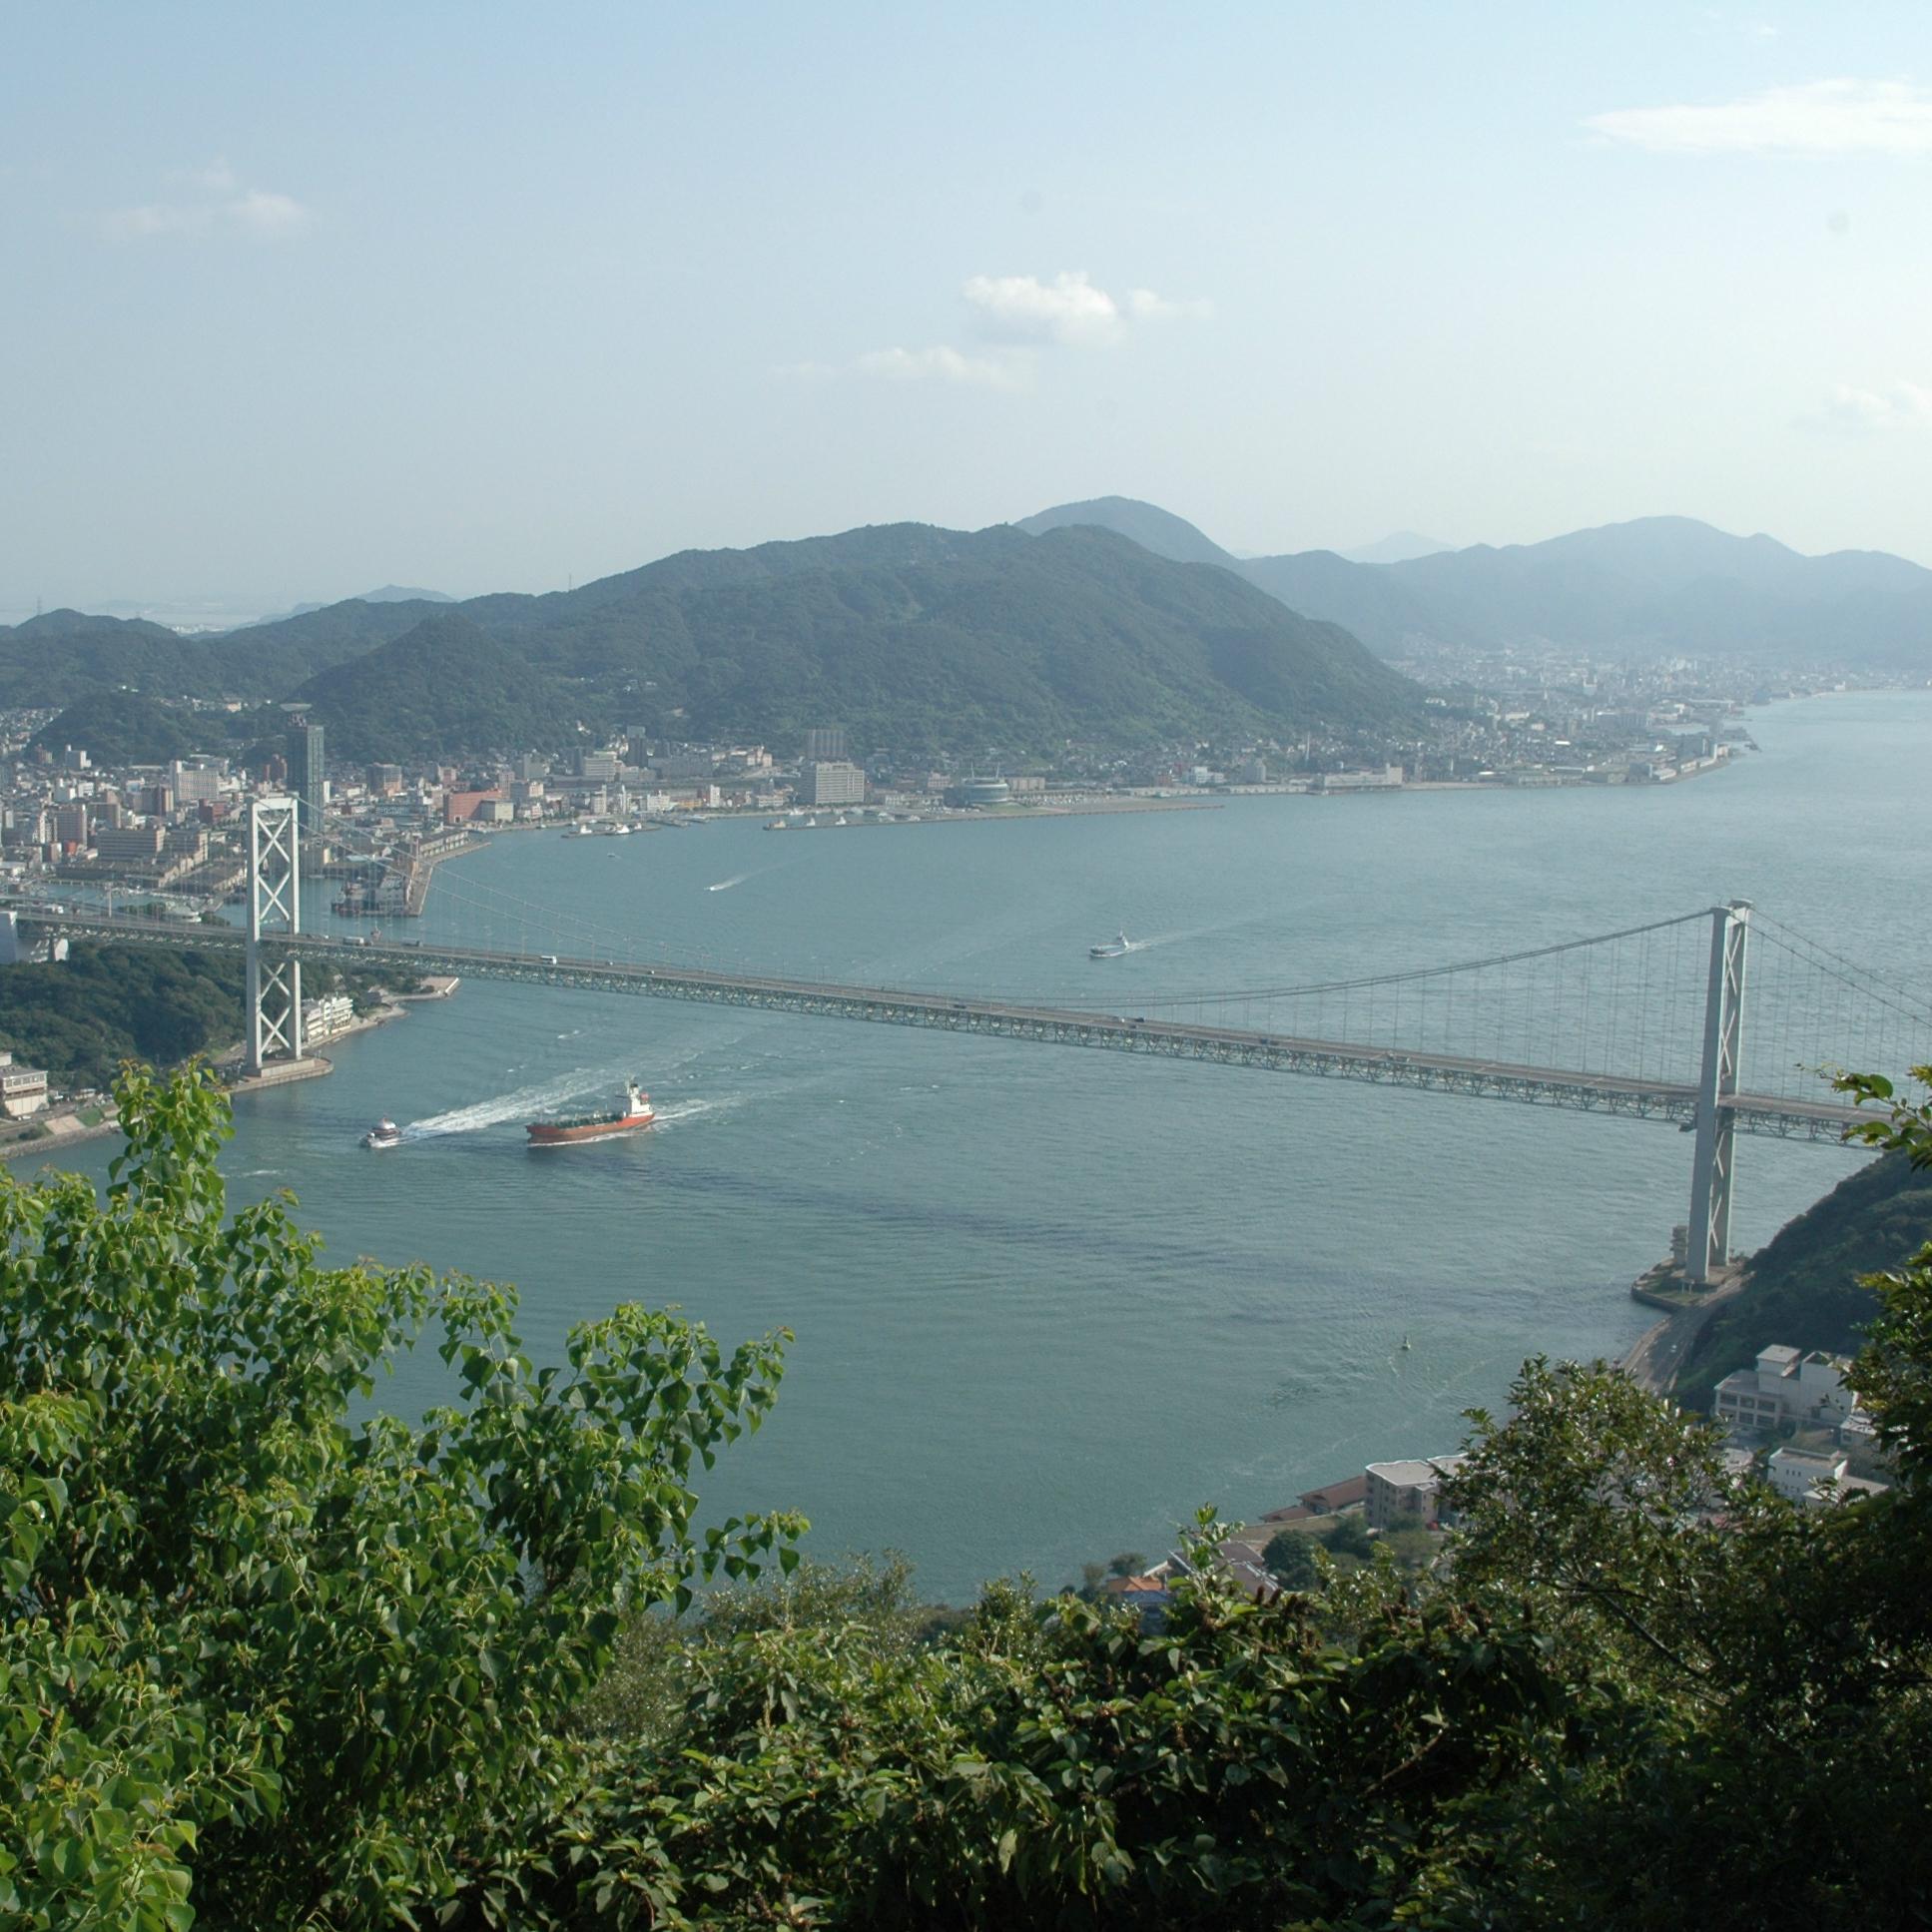 関門海峡を抑えろ! 古代北九州勢力の「積極的にヤマトを締め上げる策」